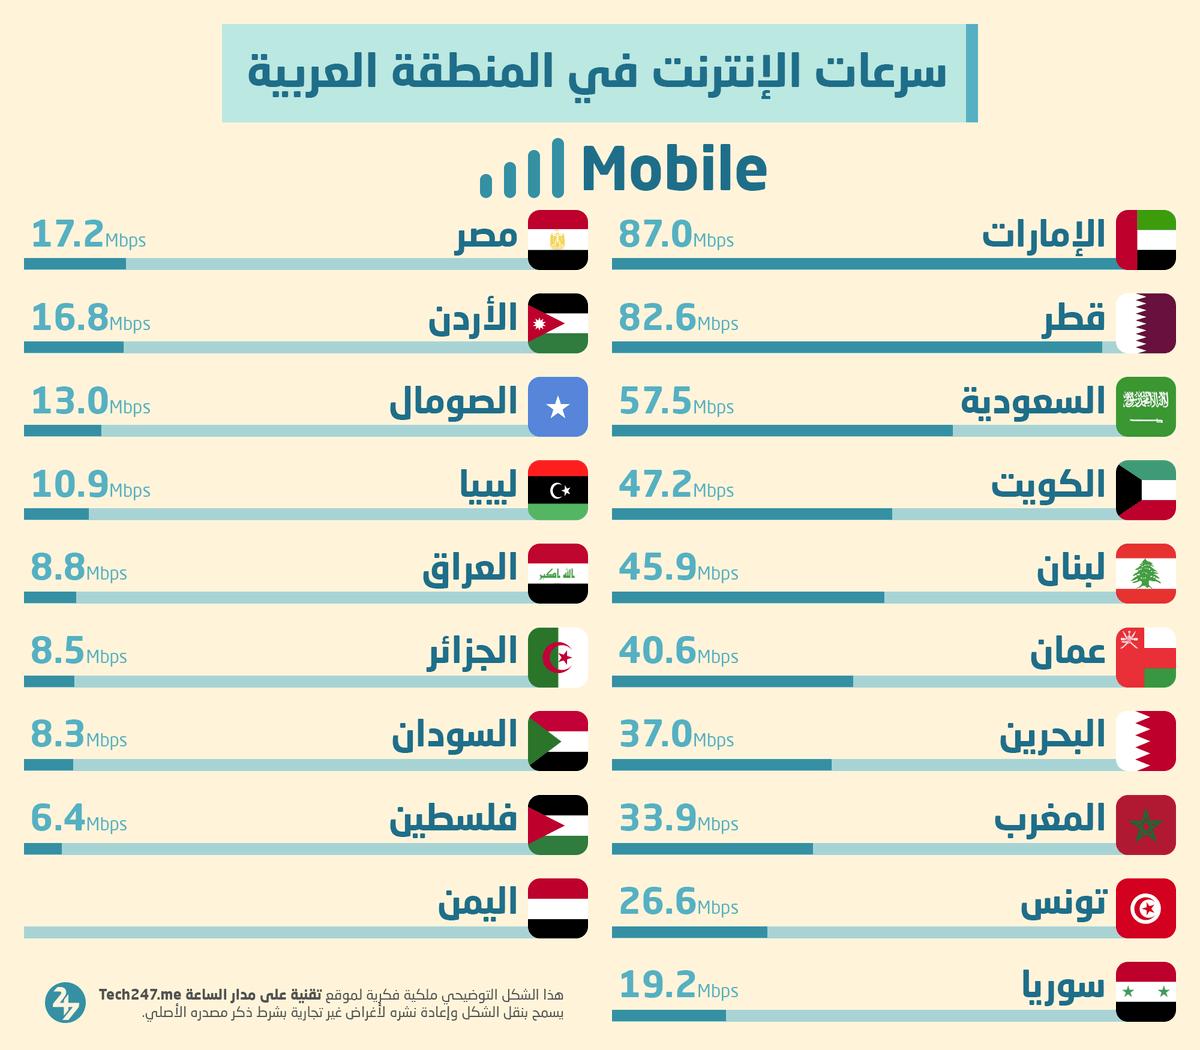 أعلى سرعات الإنترنت المحمول في المنطقة العربية